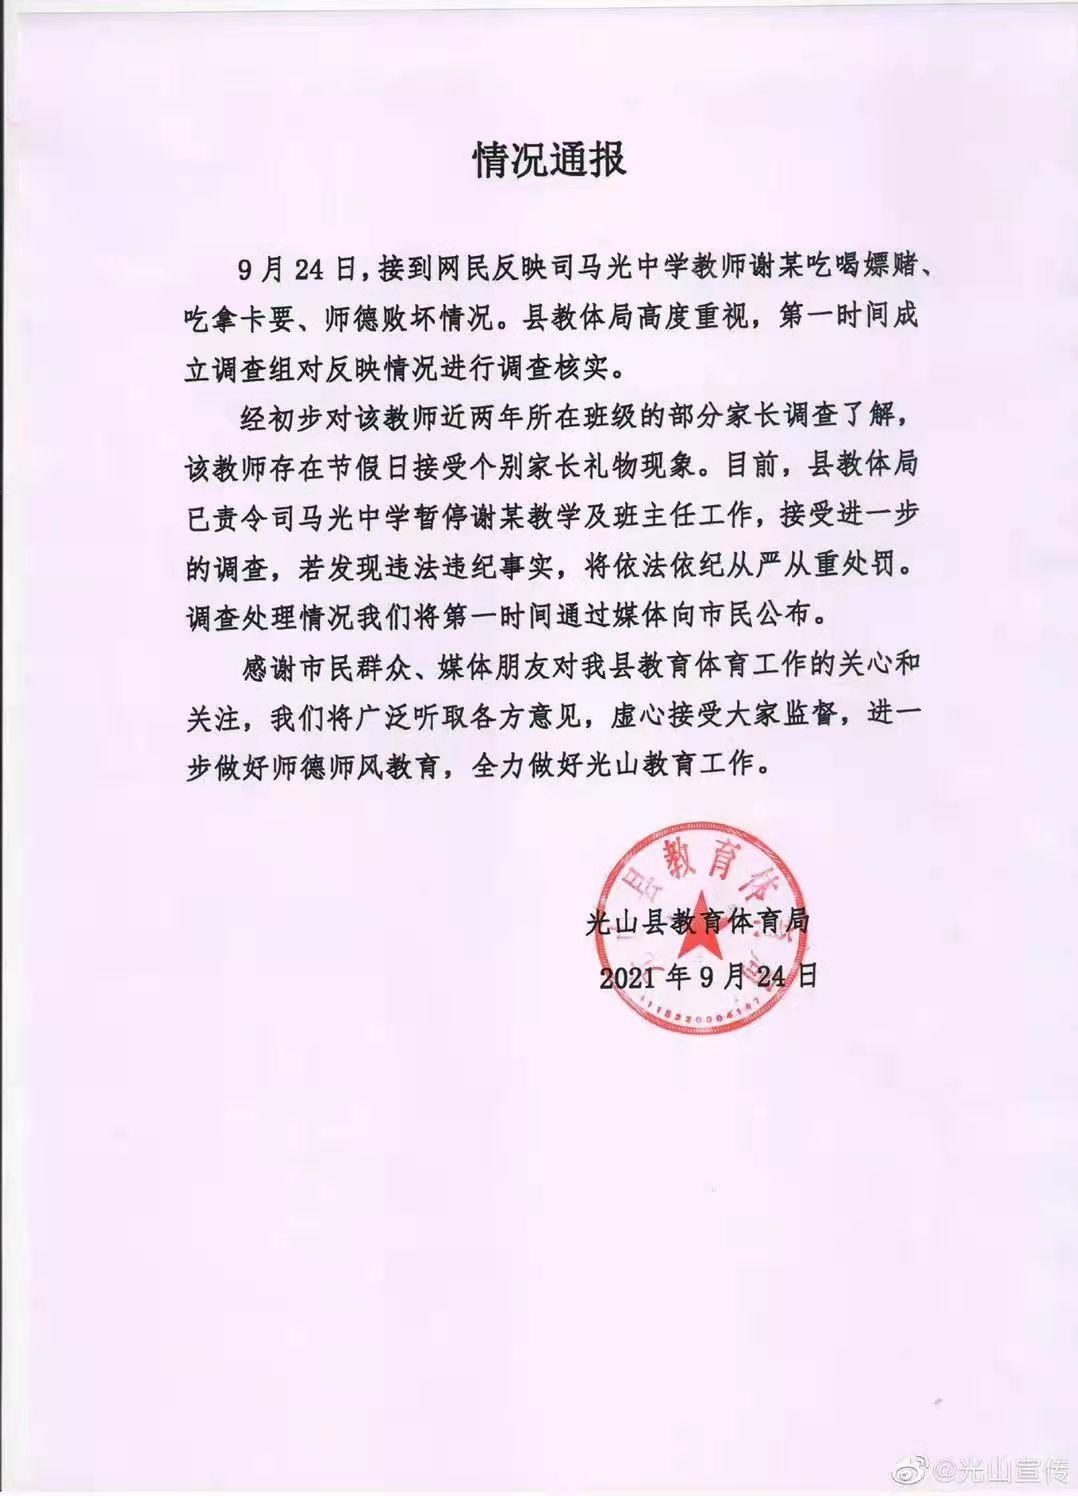 官方通报网传信阳司马光中学教师吃拿卡要、师德败坏:已责令暂停教学工作